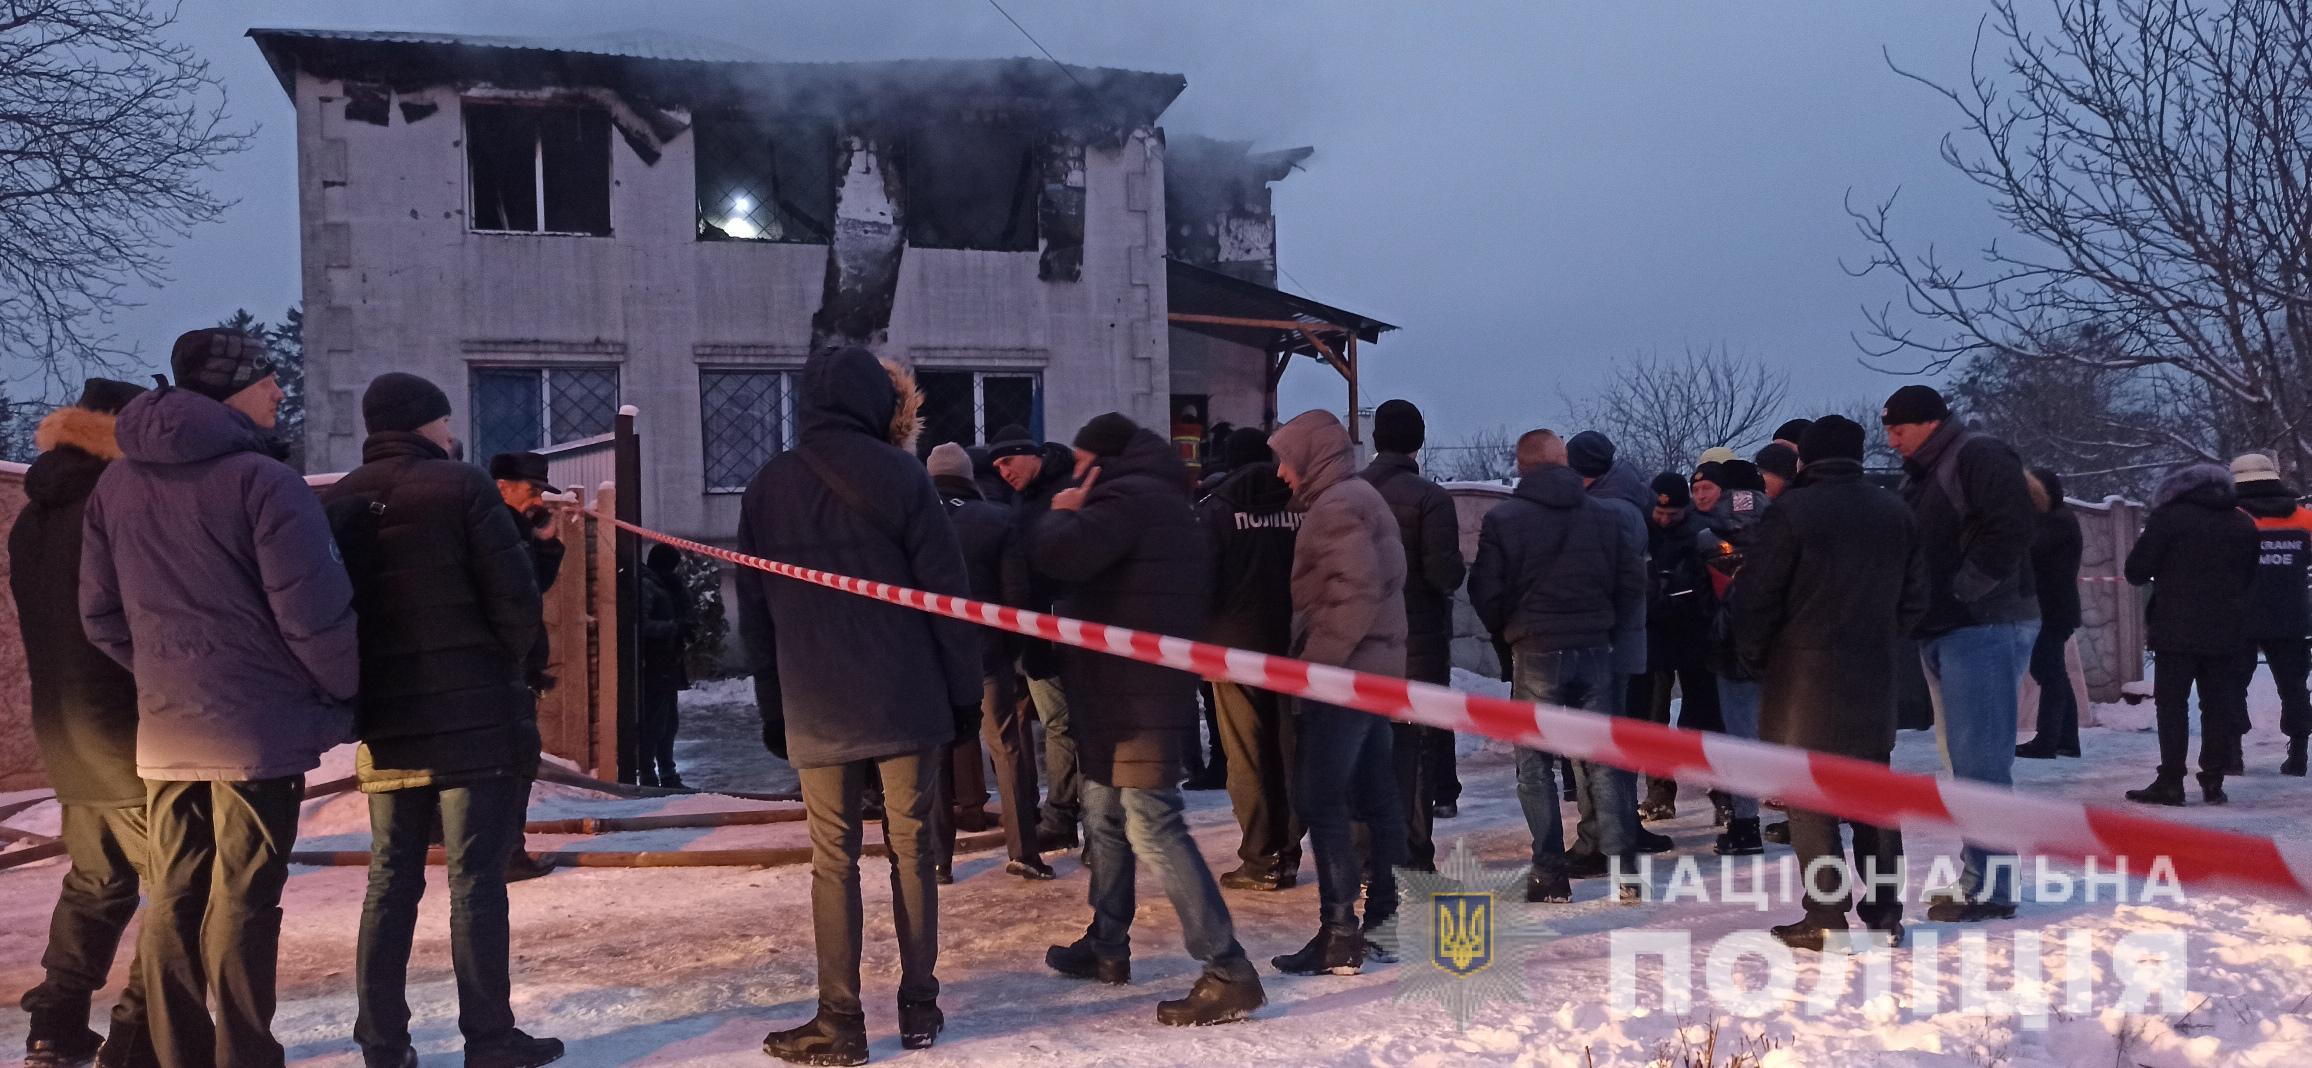 Пожежа в Харкові: керівників будинку для літніх людей забрала поліція